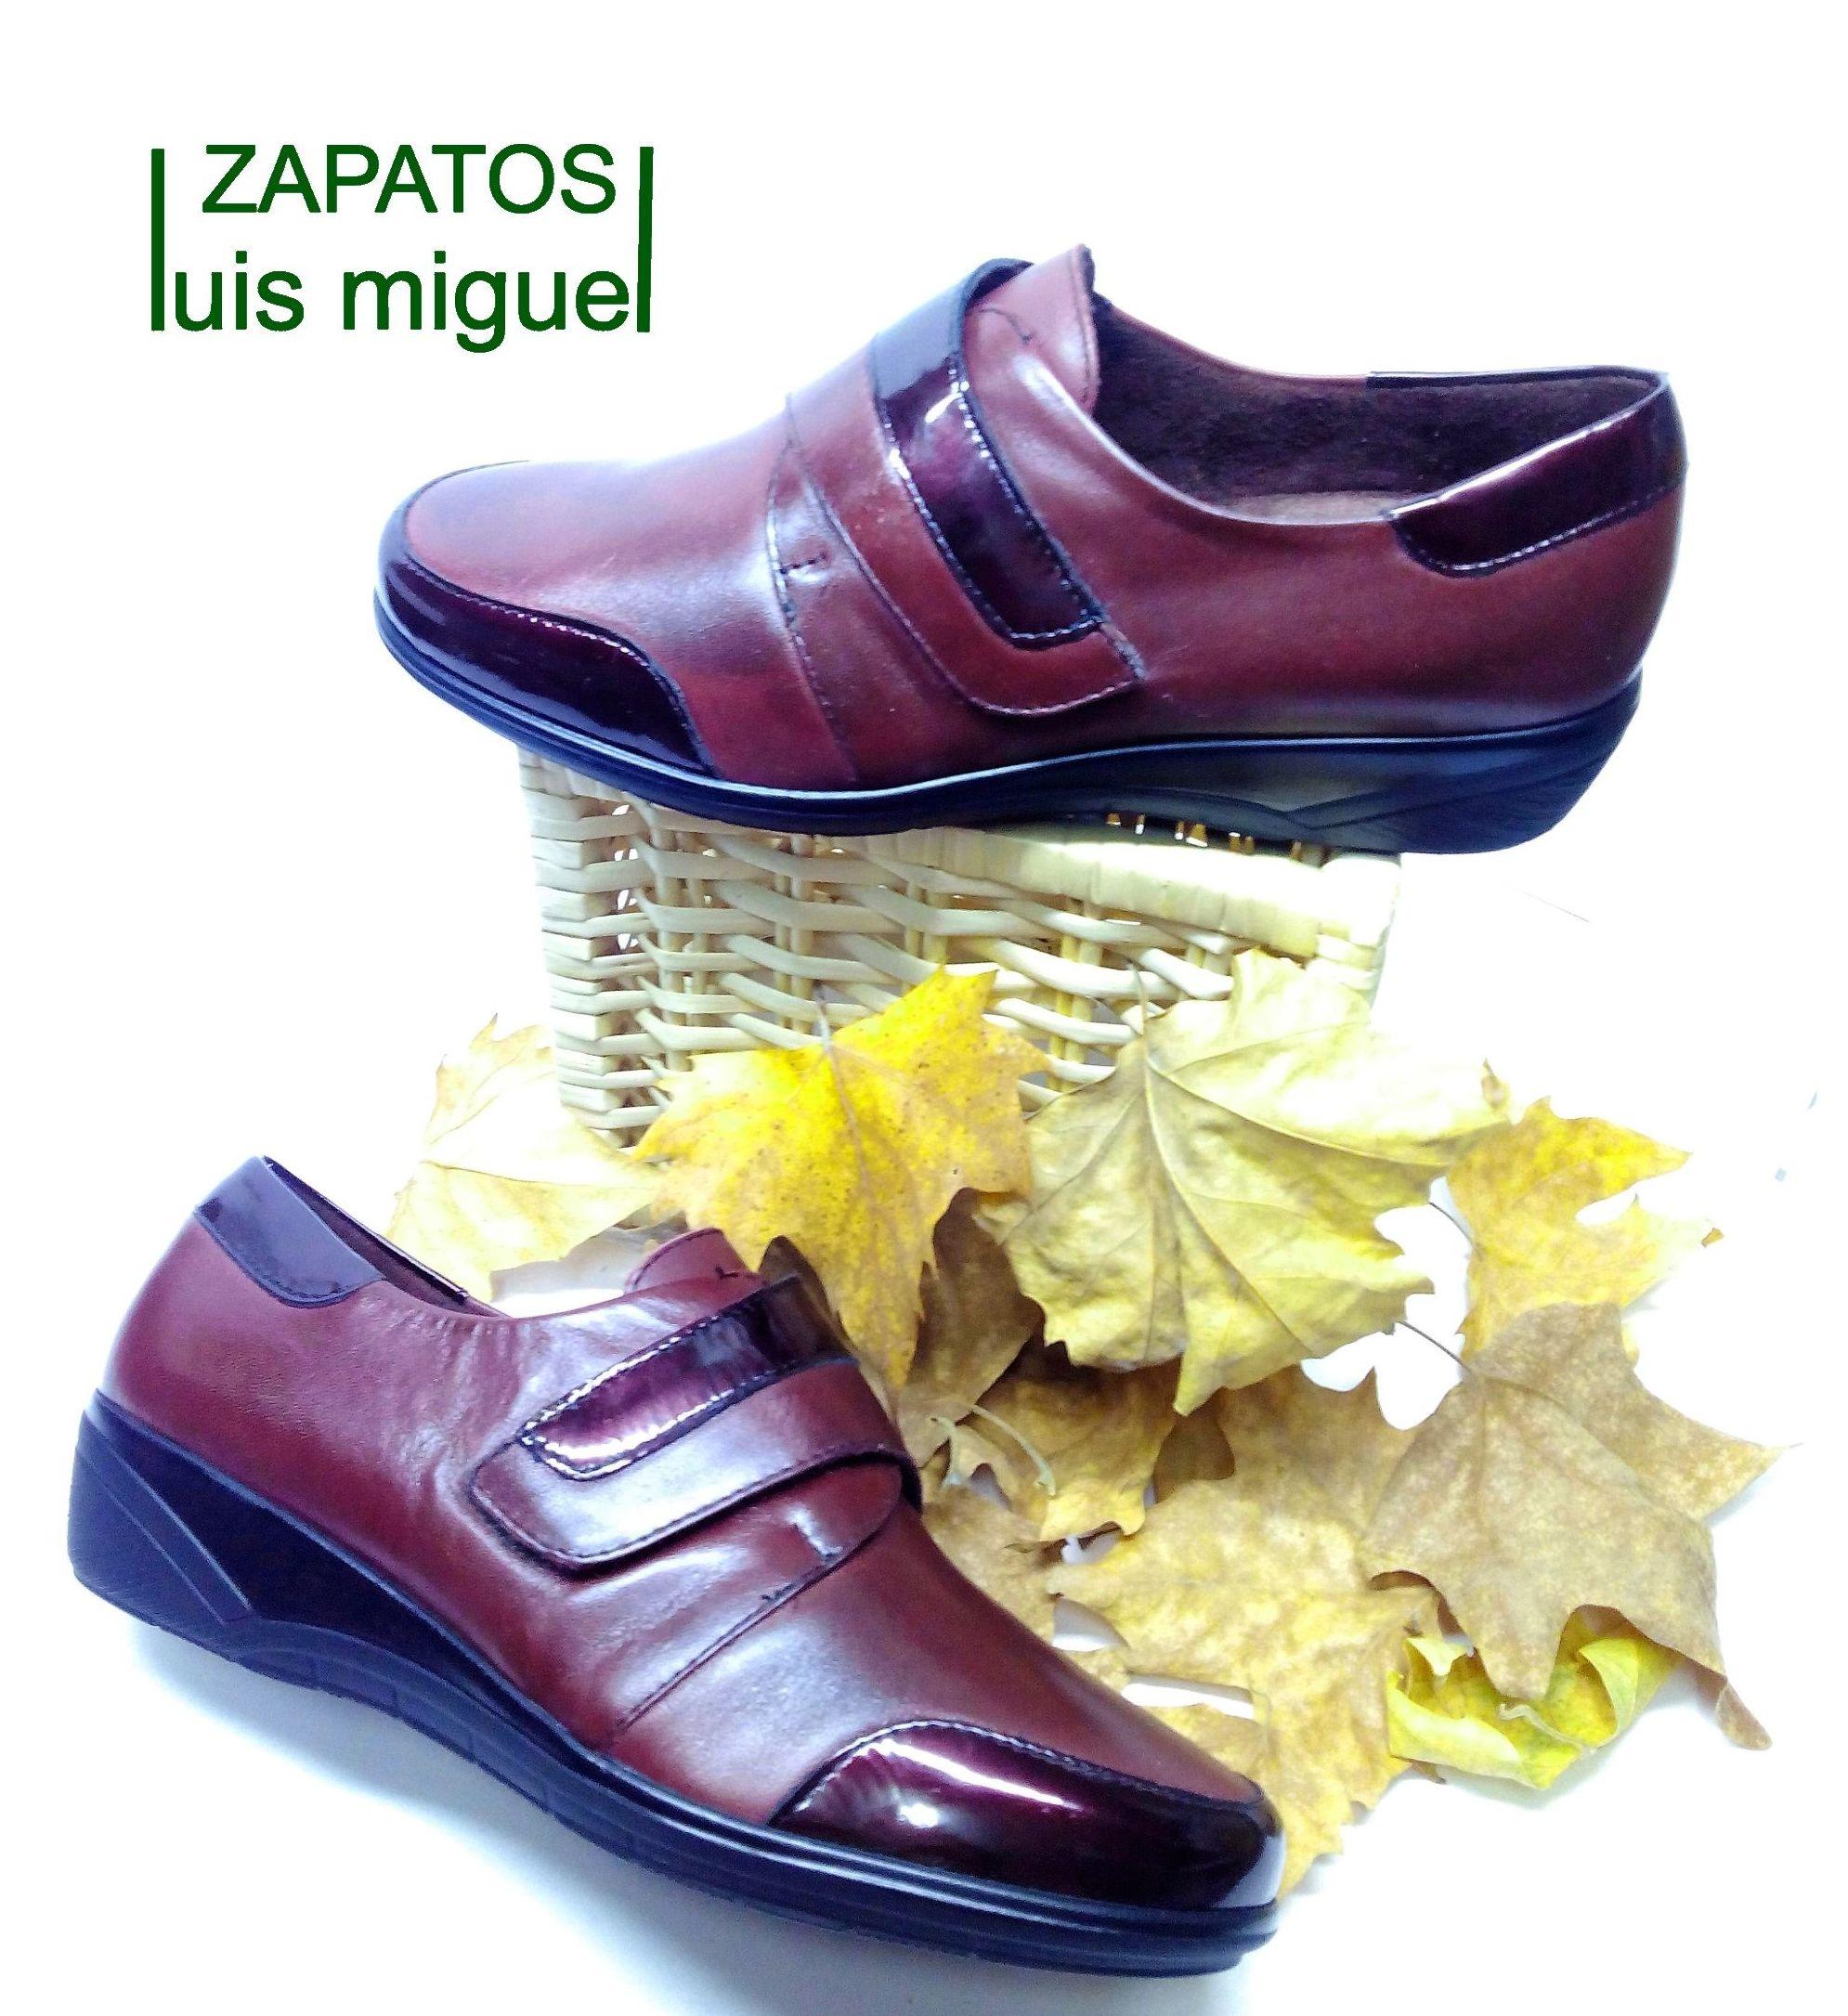 zapato de velcro: Catalogo de productos de Zapatos Luis Miguel